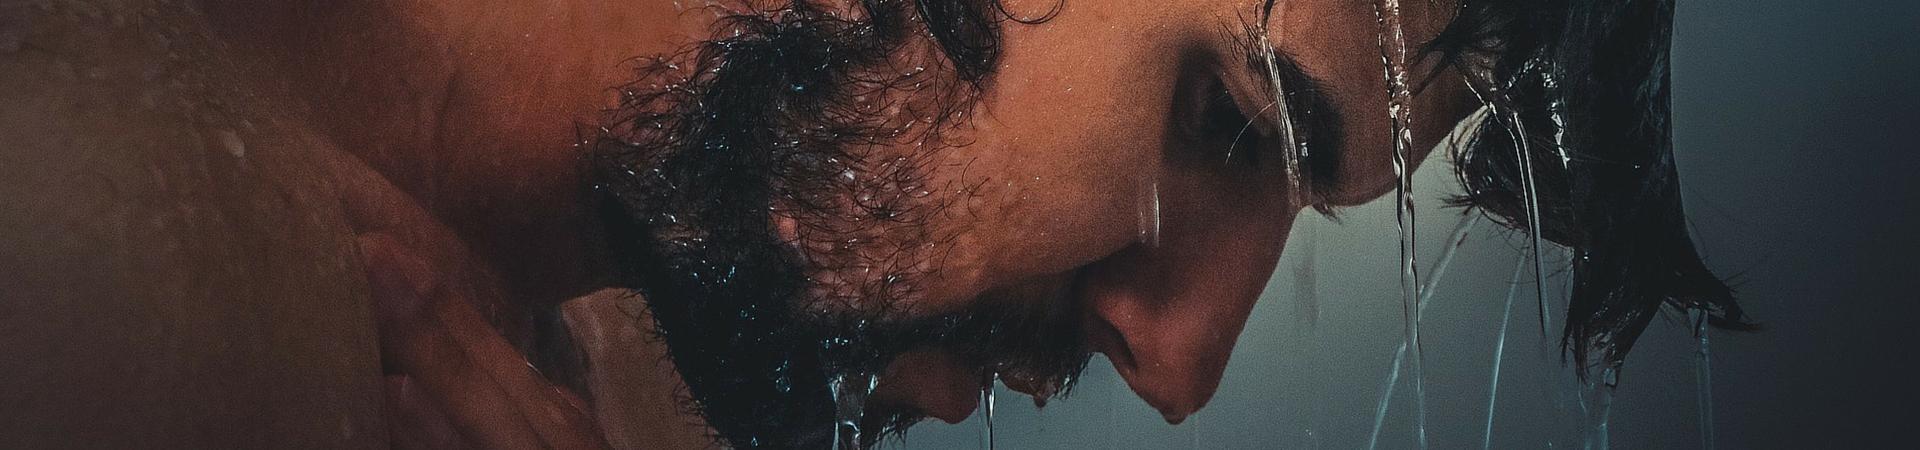 Duschen sport männer nach dem Nach dem